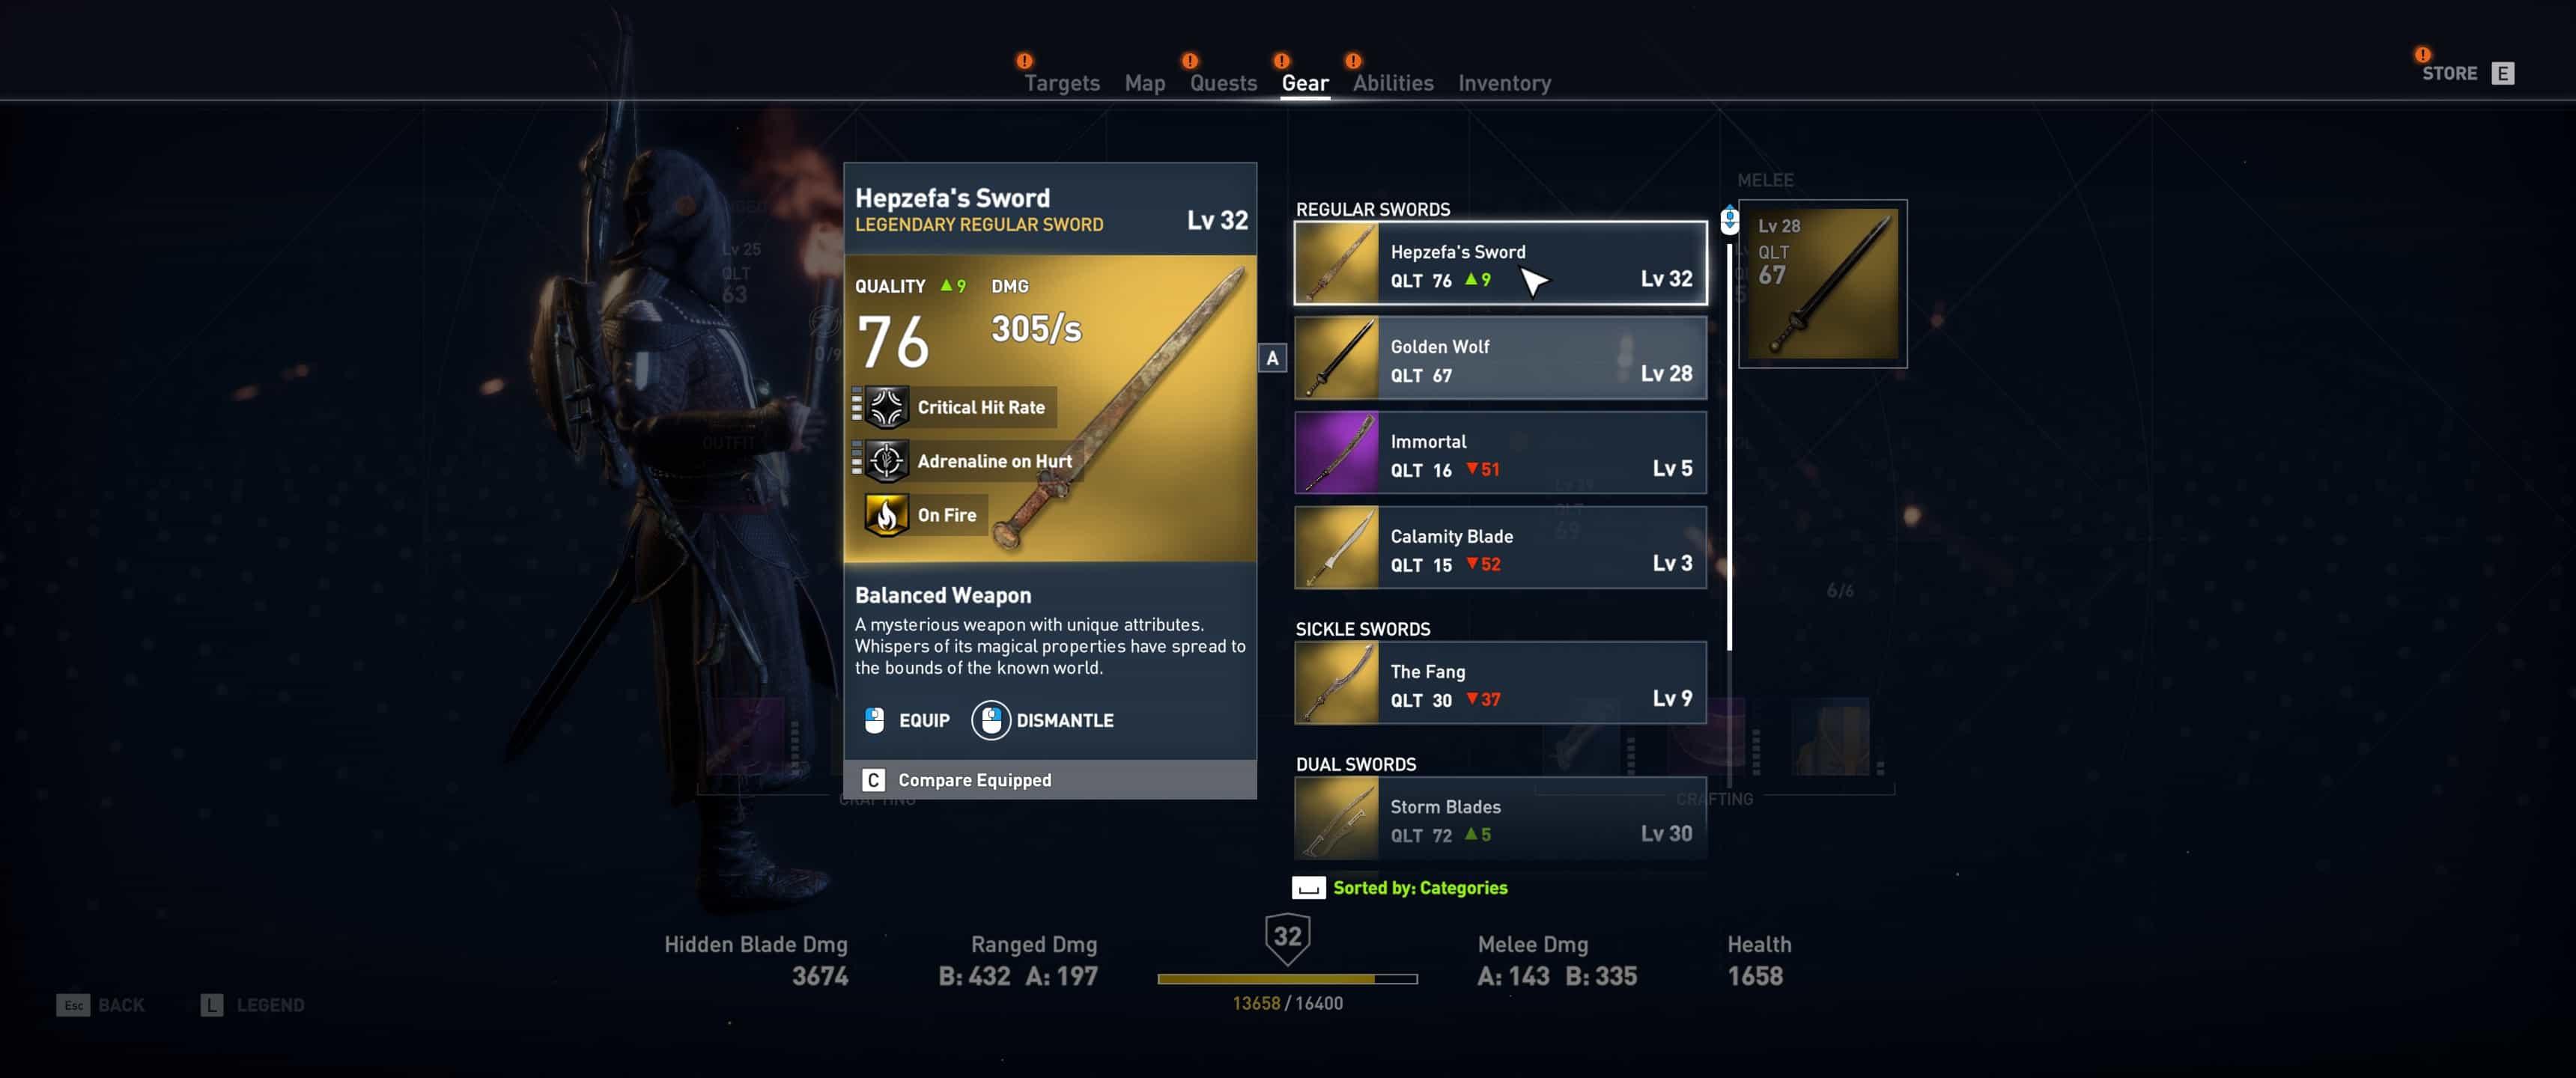 Assassin's Creed Origins - Espada de Hepzefa